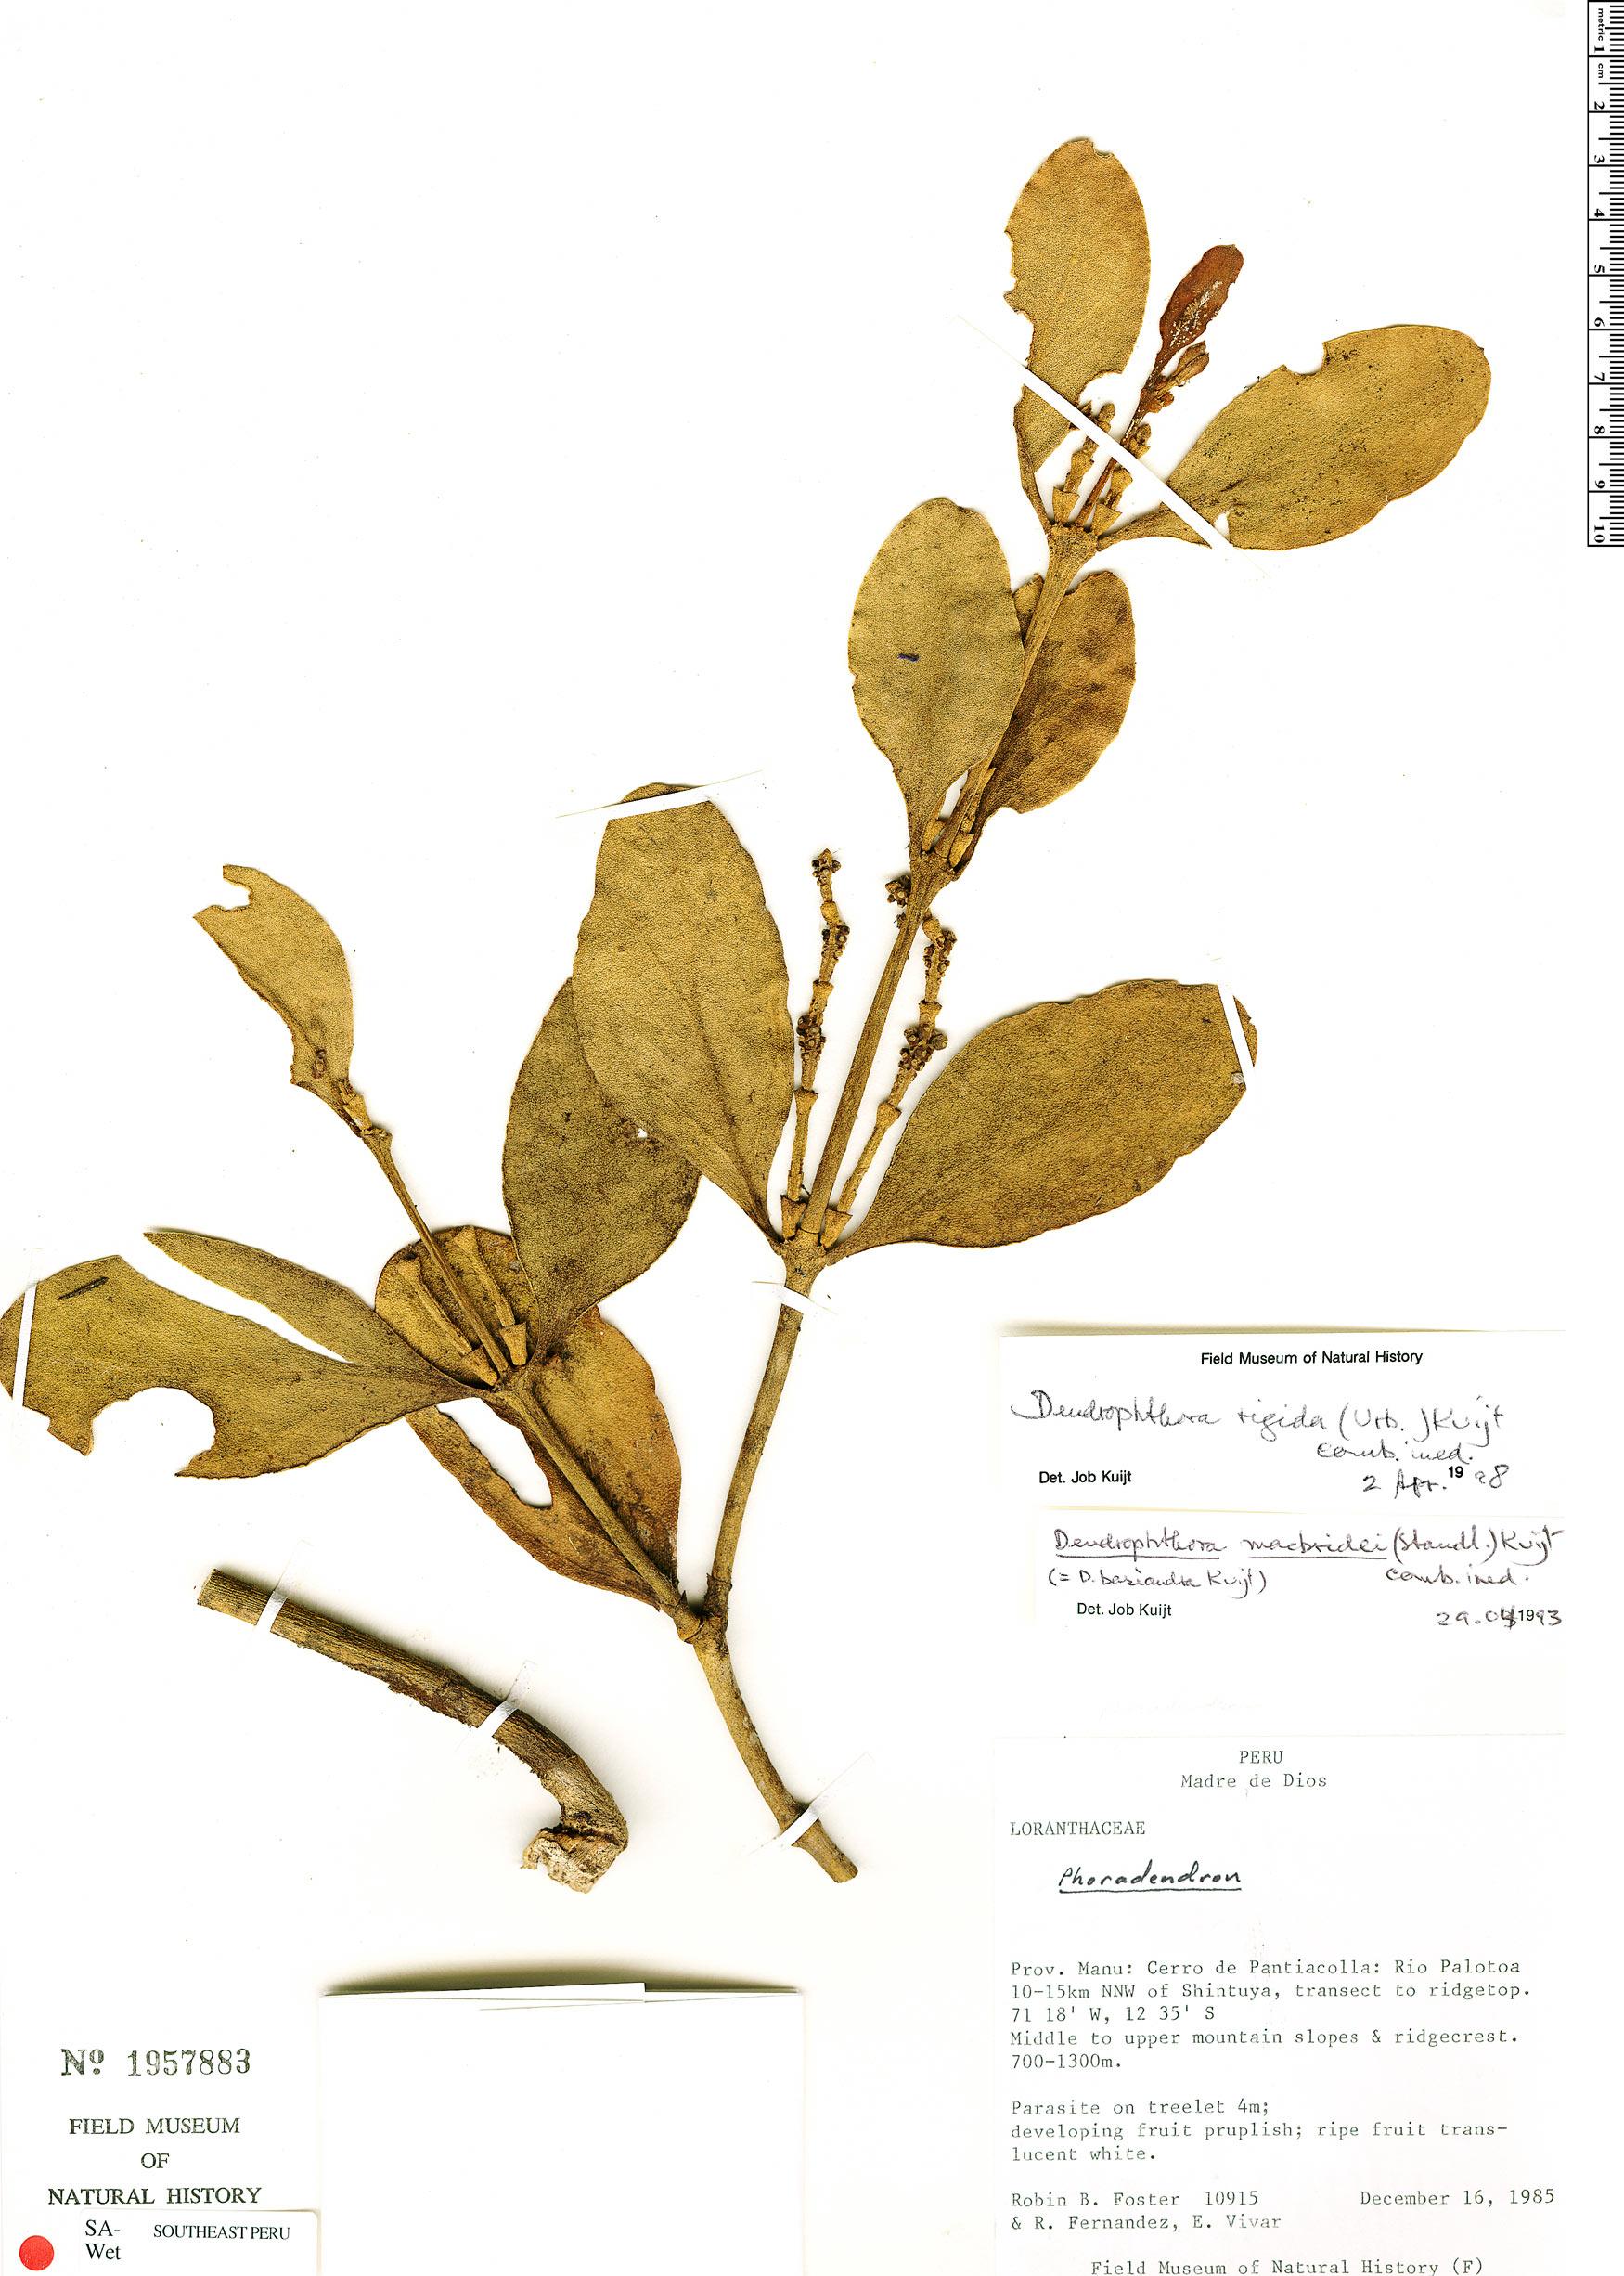 Specimen: Dendrophthora macbridei